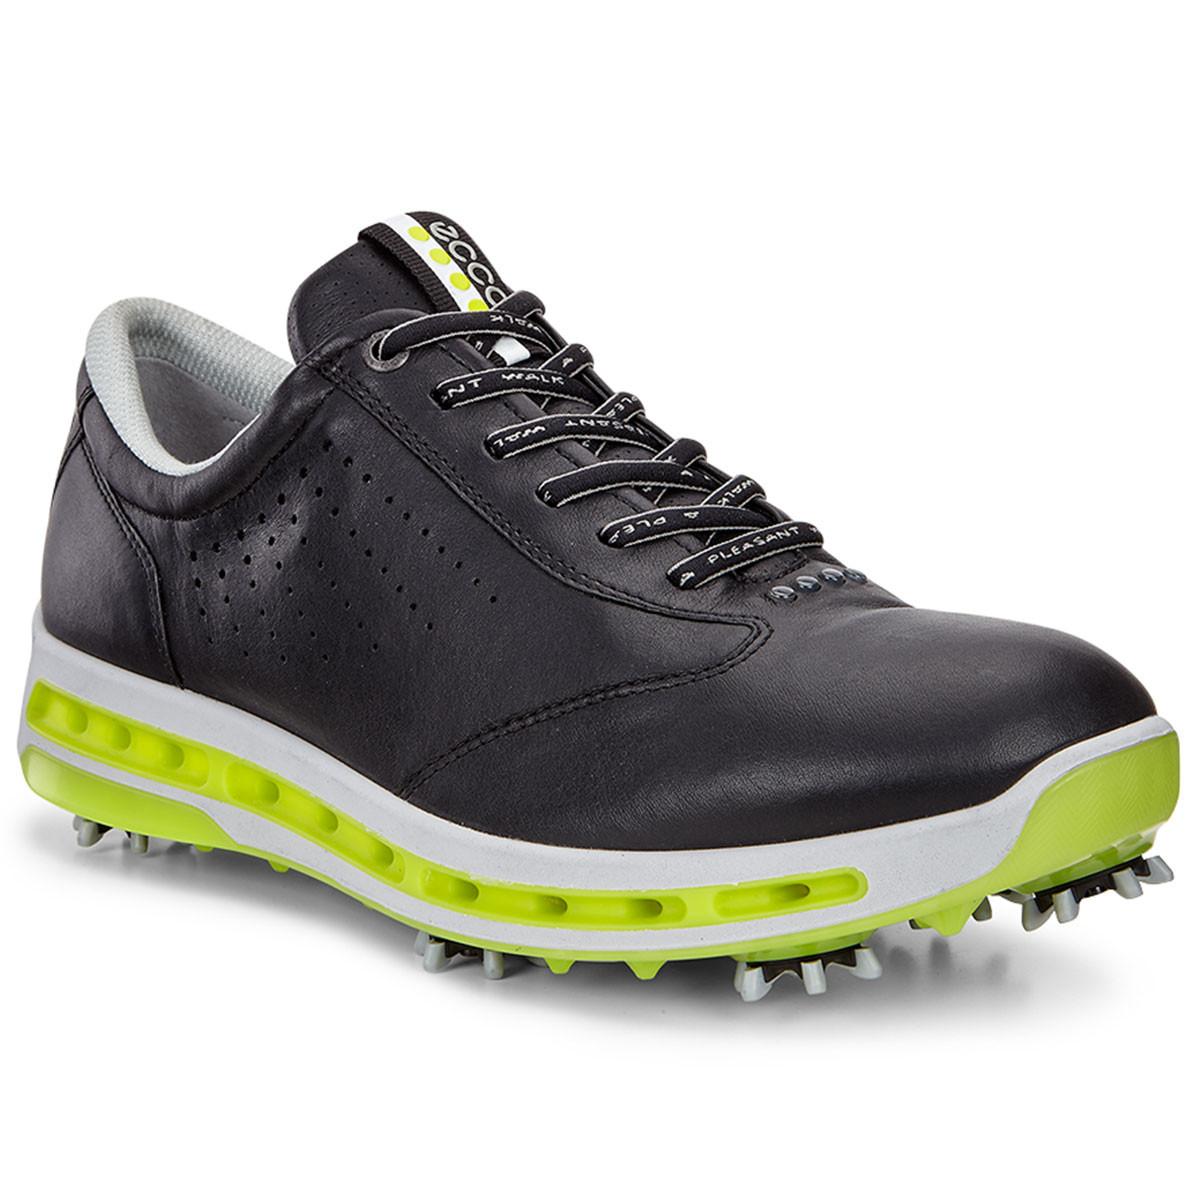 c3883e4b3fb8 Ecco Mens Waterproof Cool Gore-Tex Golf Shoes